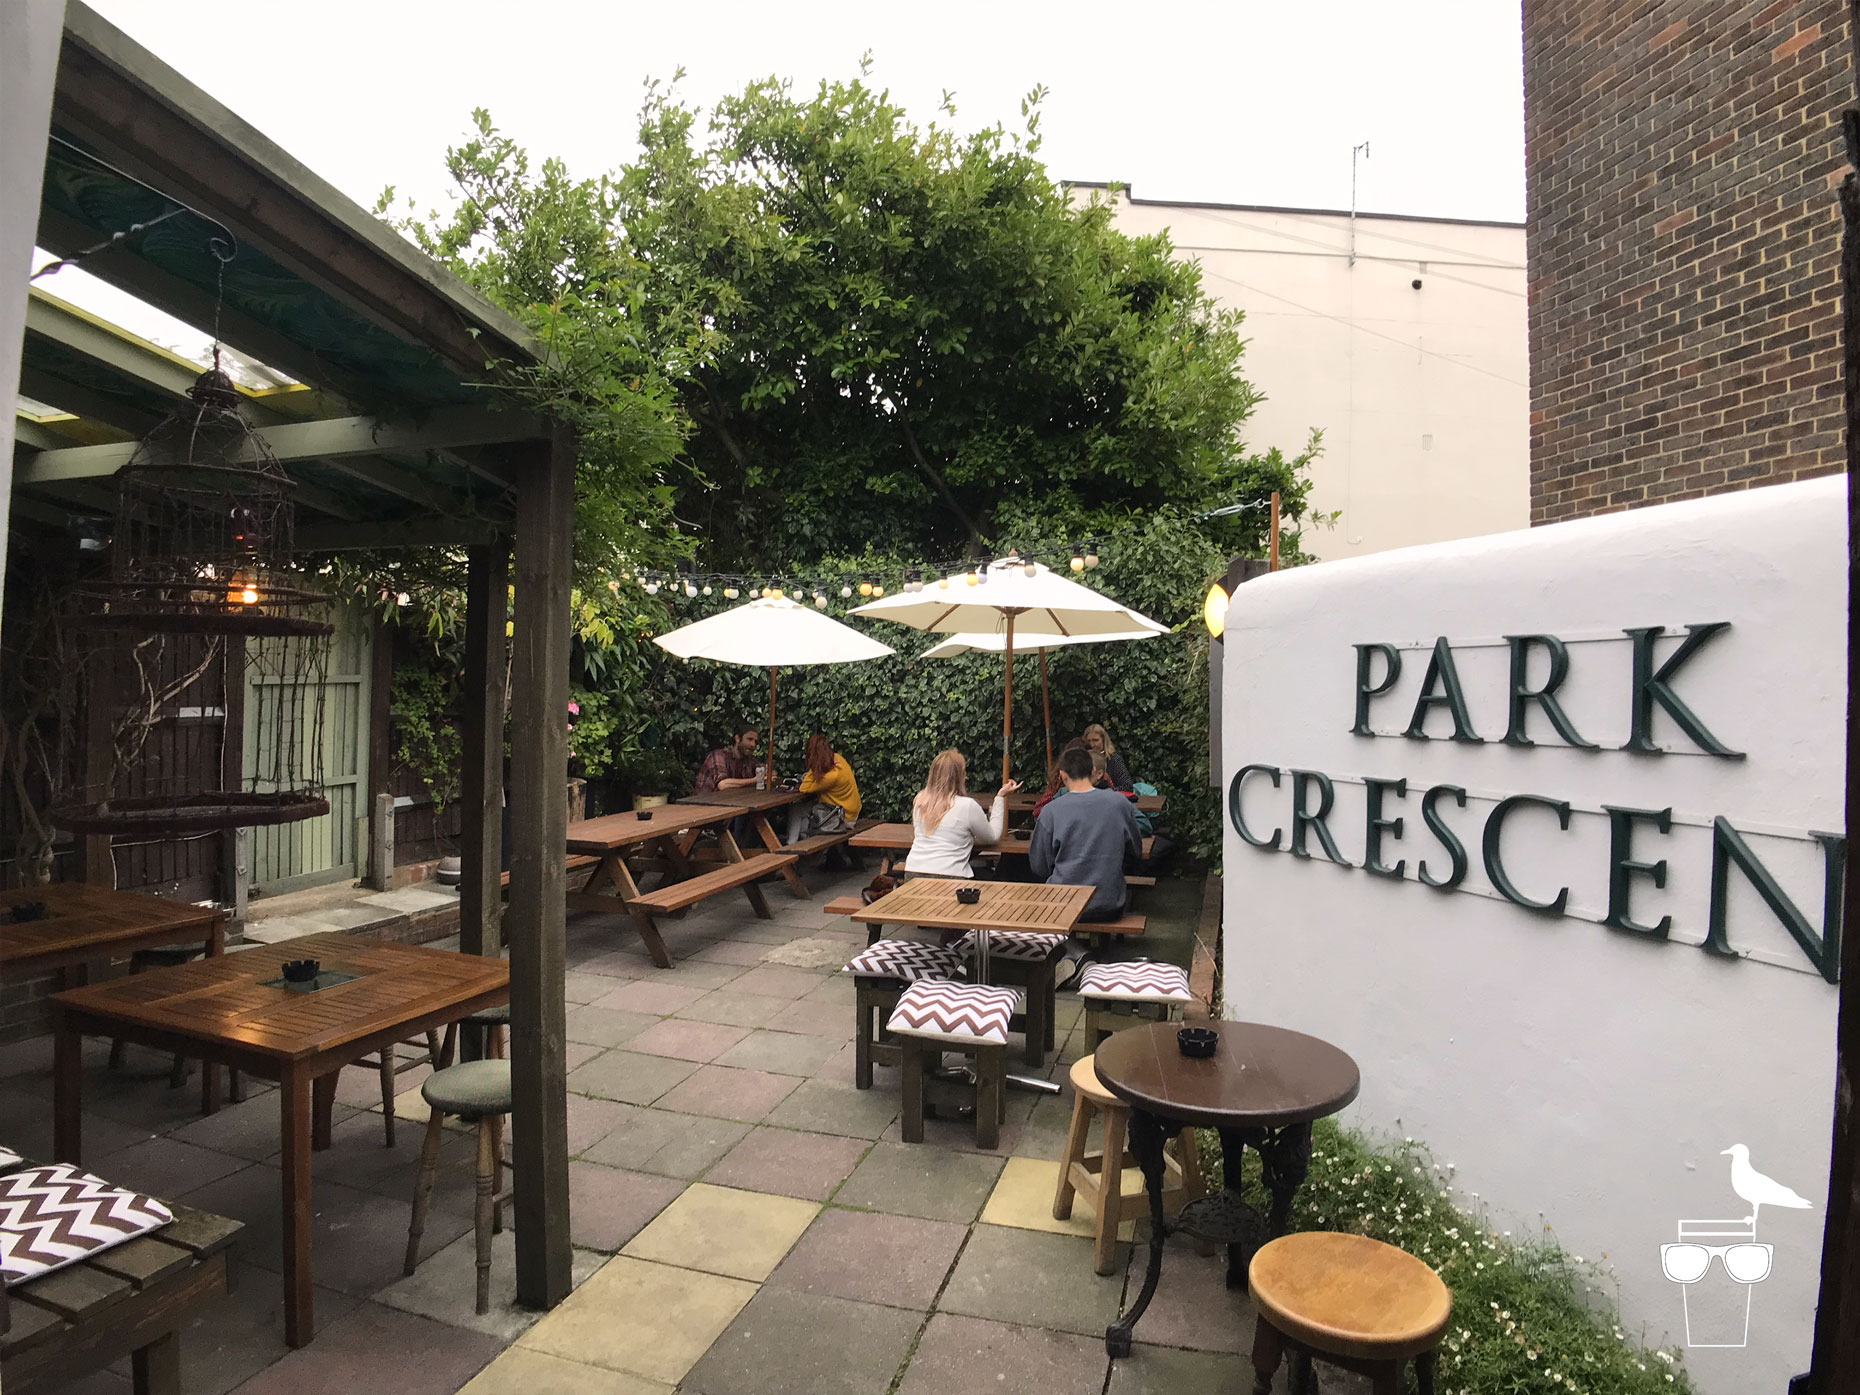 the-park-crescent-pub-brighton-back-garden